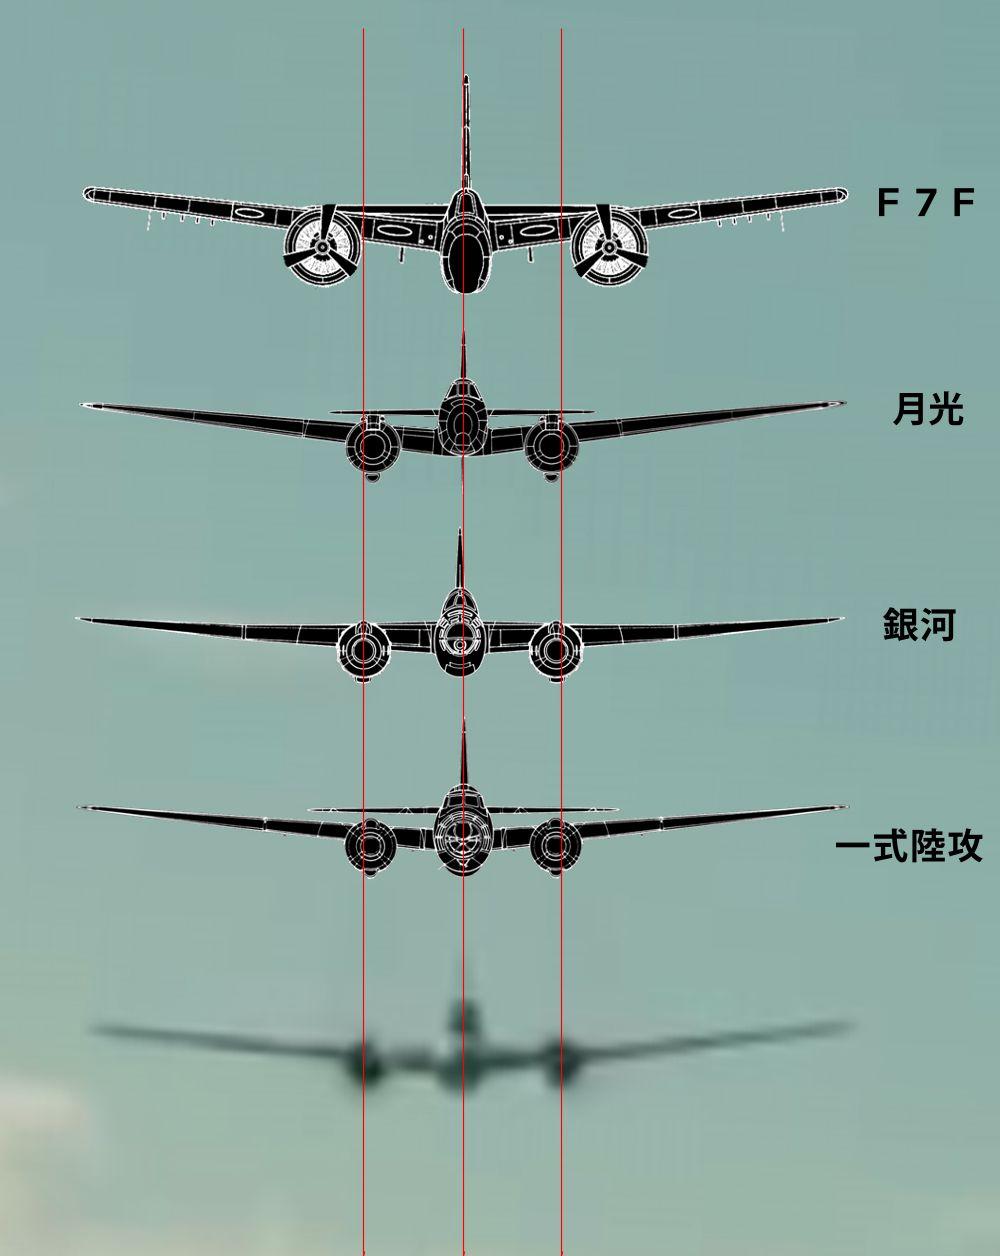 アンブロークン爆撃機と海軍機との比較